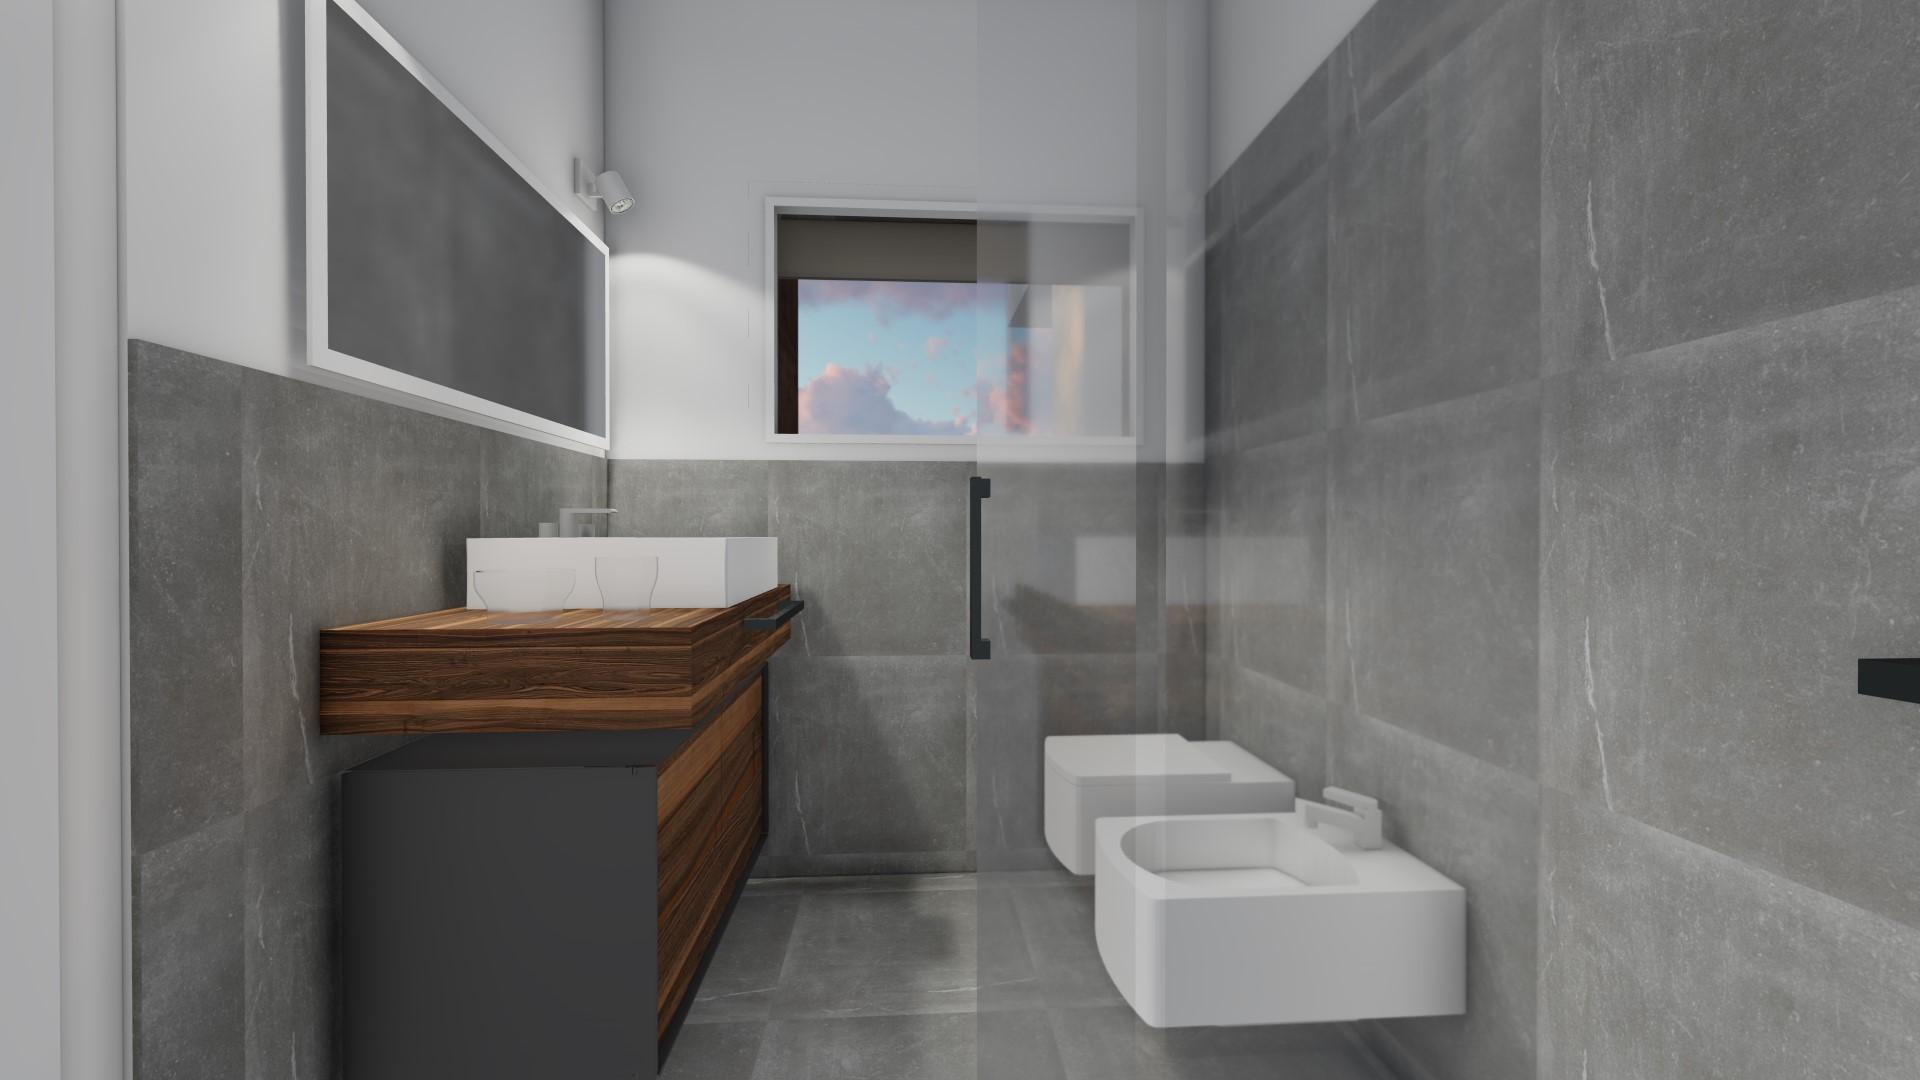 quadrilocali in vendita a Treviglio - zona bagno